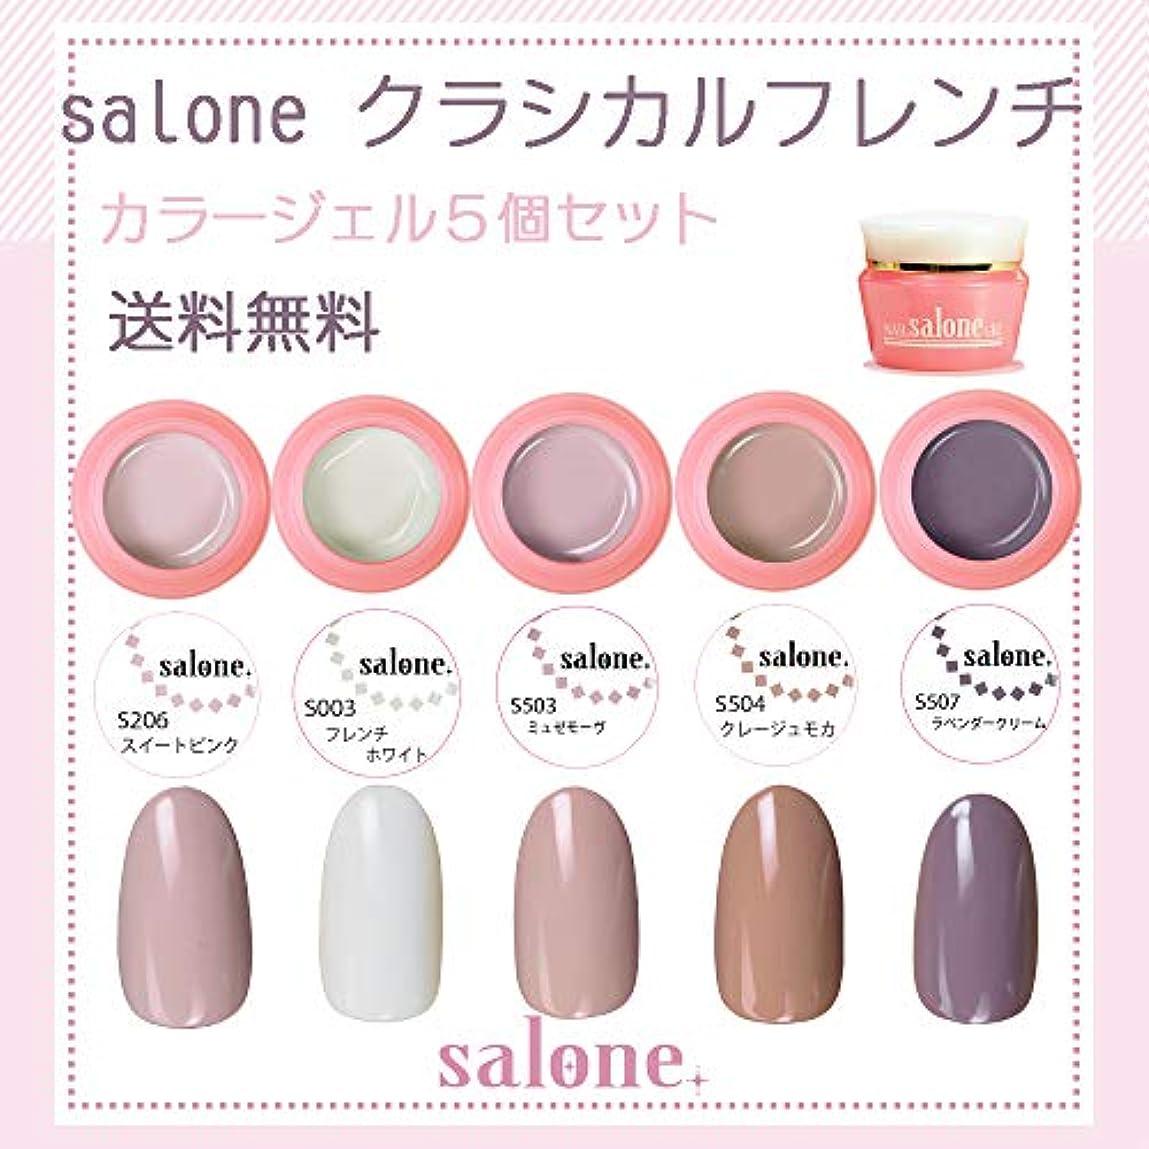 学習アメリカ間違いなく【送料無料 日本製】Salone クラシカルフレンチ カラージェル5個セット 大人っぽくクラッシックで肌なじみの良いカラー